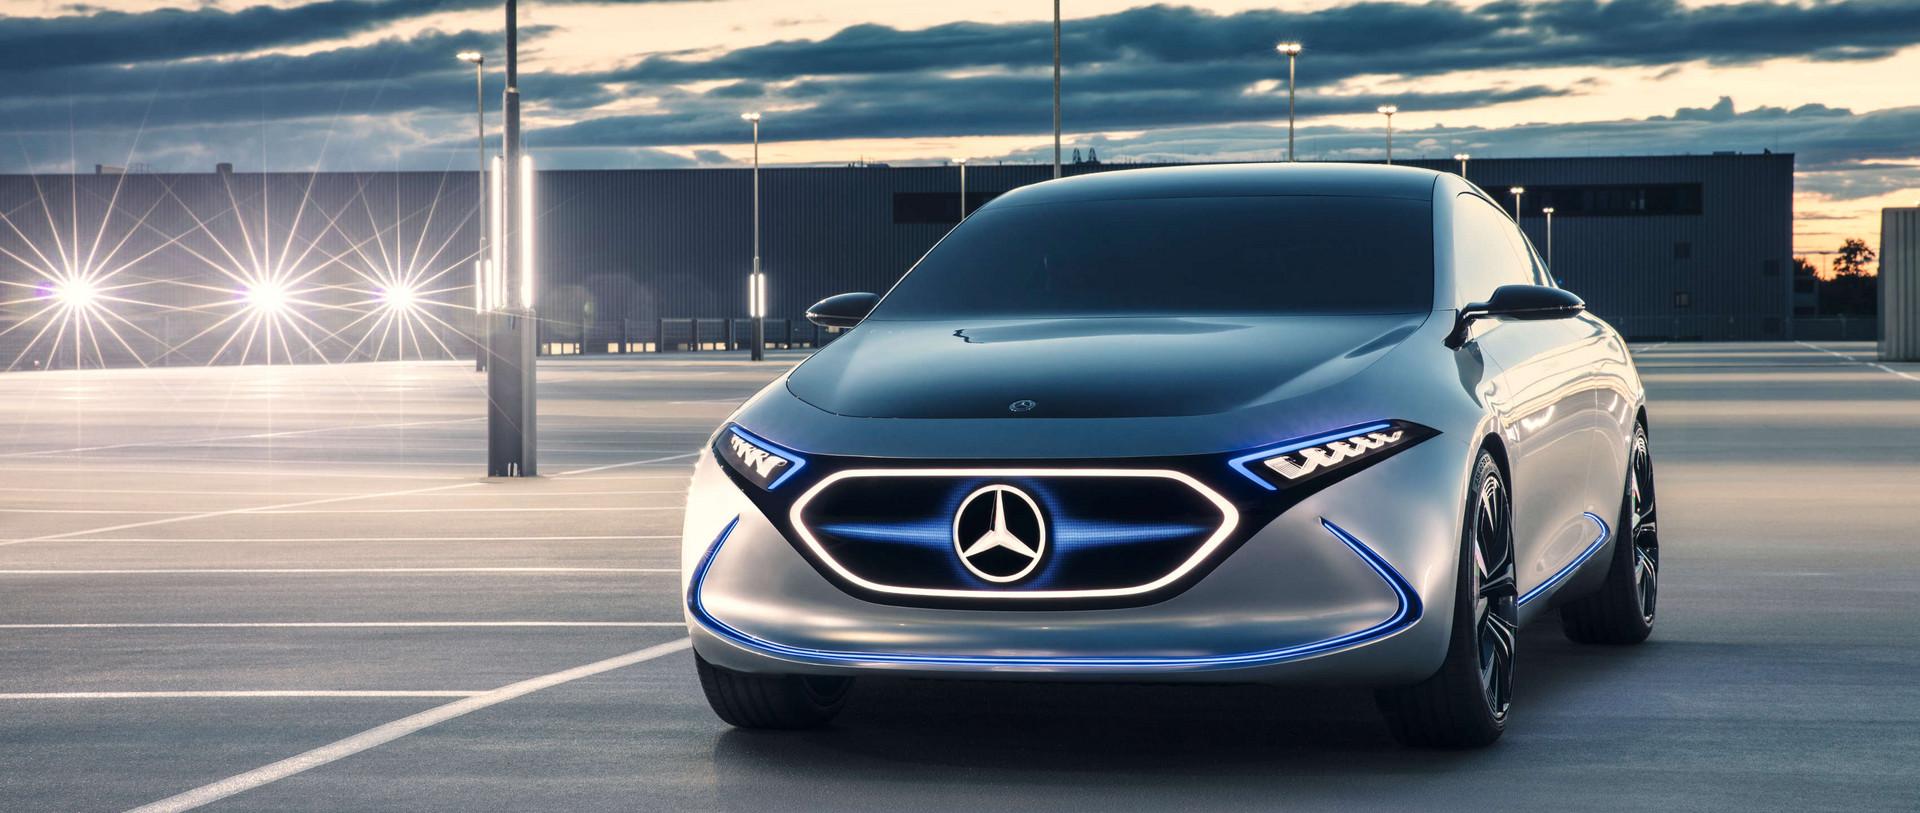 Mercedes-Benz: Weltpremiere des Infotainment-Systems MBUX ...